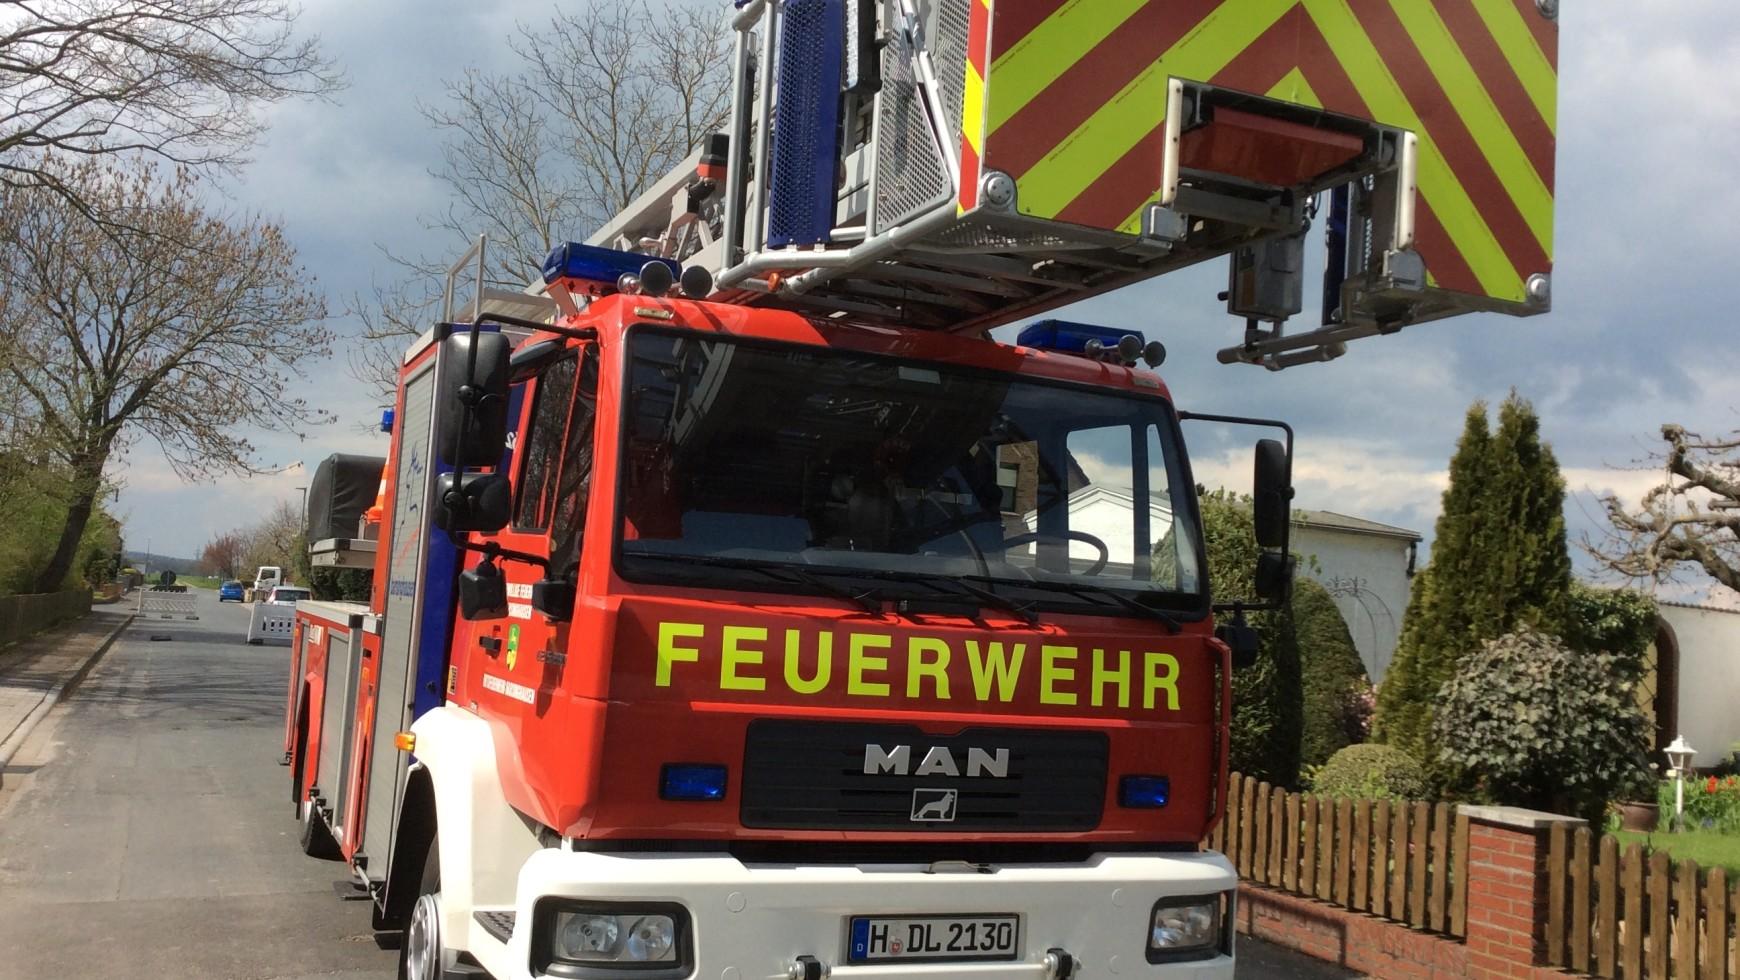 Stichpunkt Feuerwehr